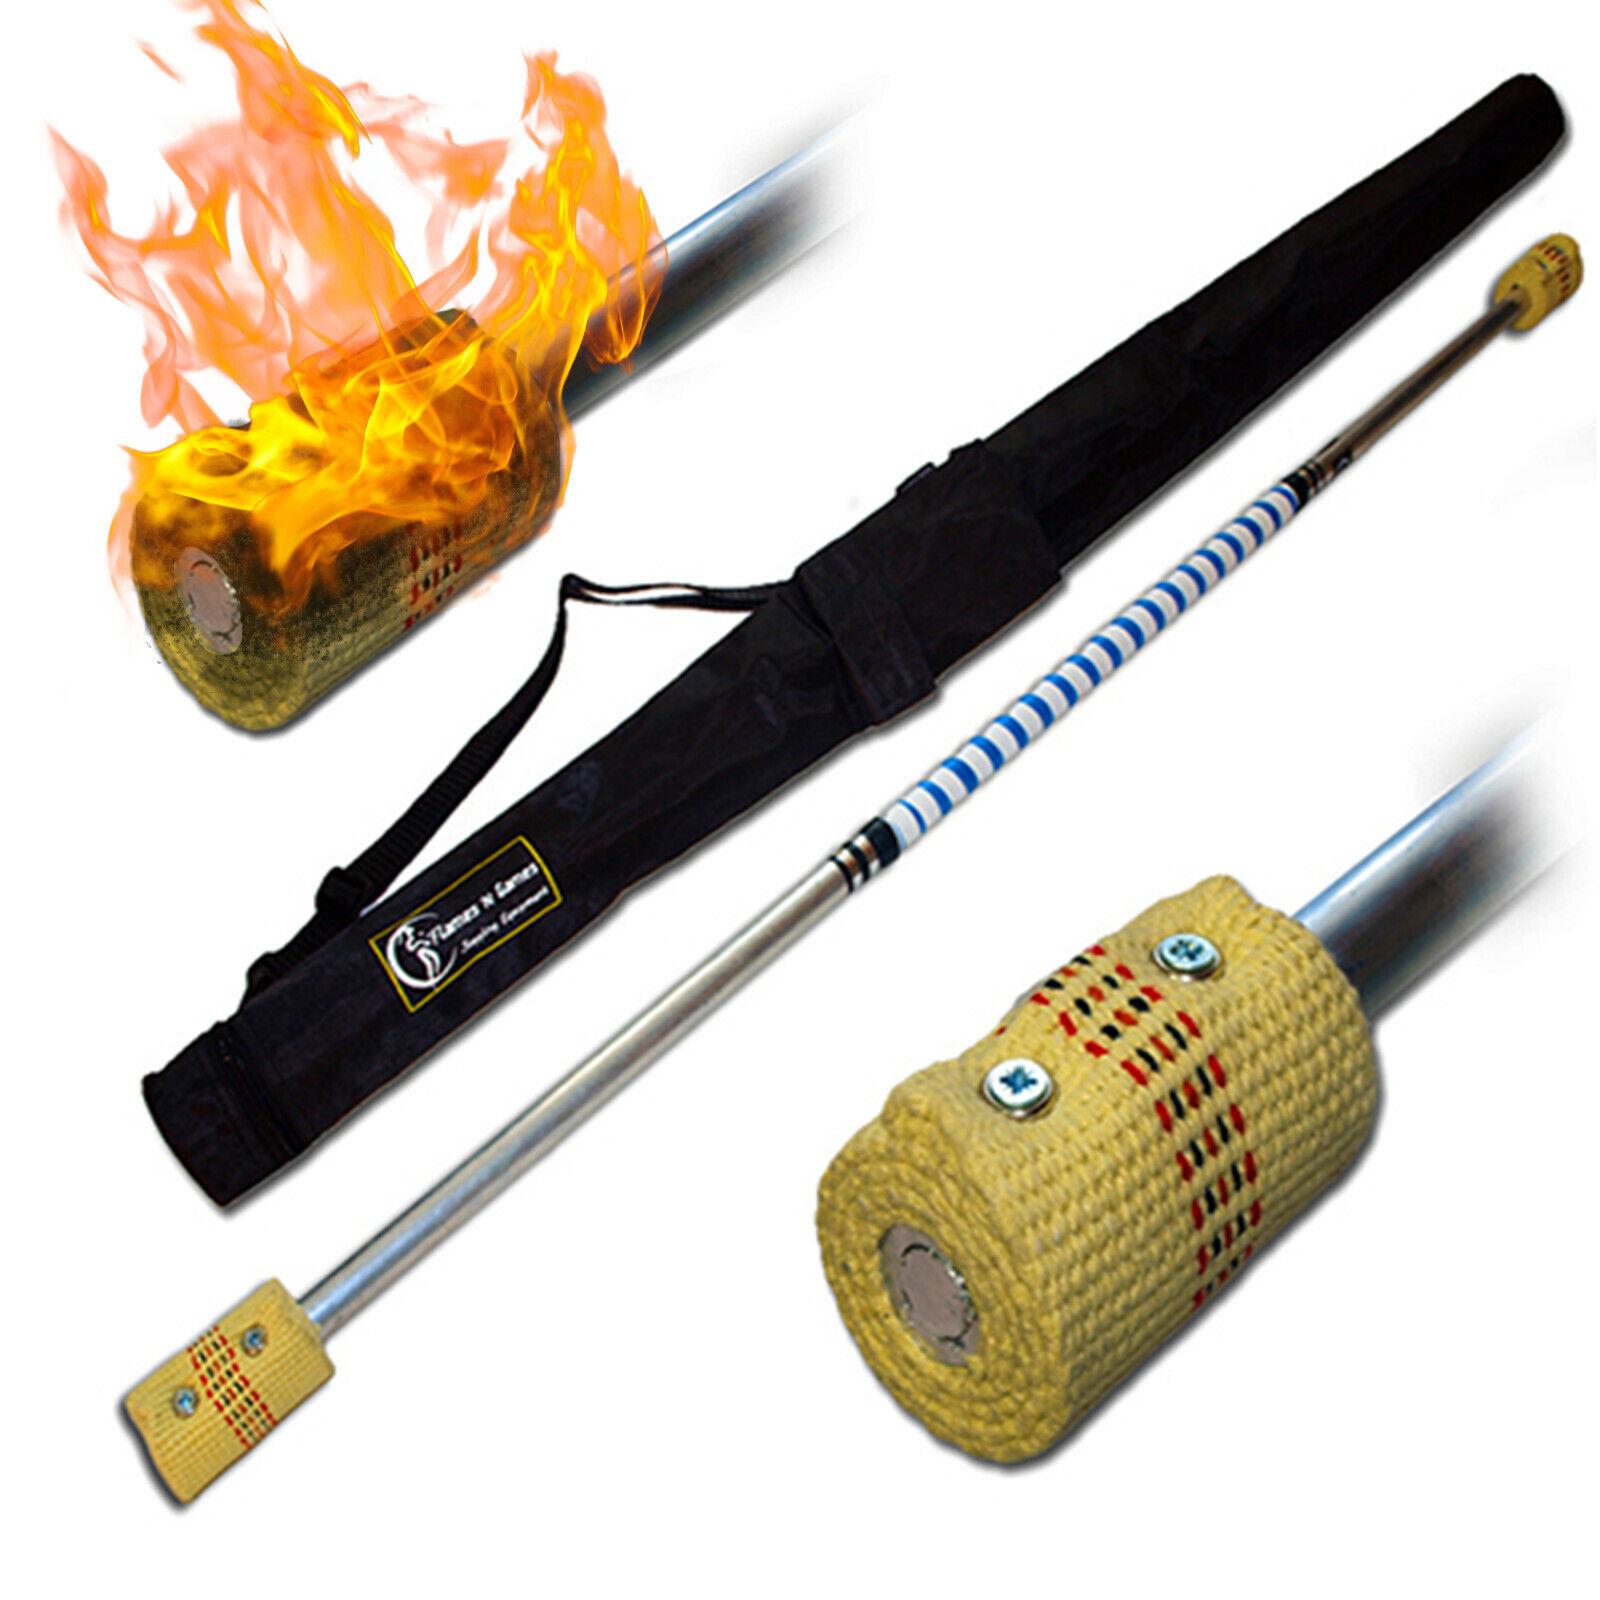 Flammor'N Spel KONTACT Brandstav 1.2m FRI påse (2x 65mm)